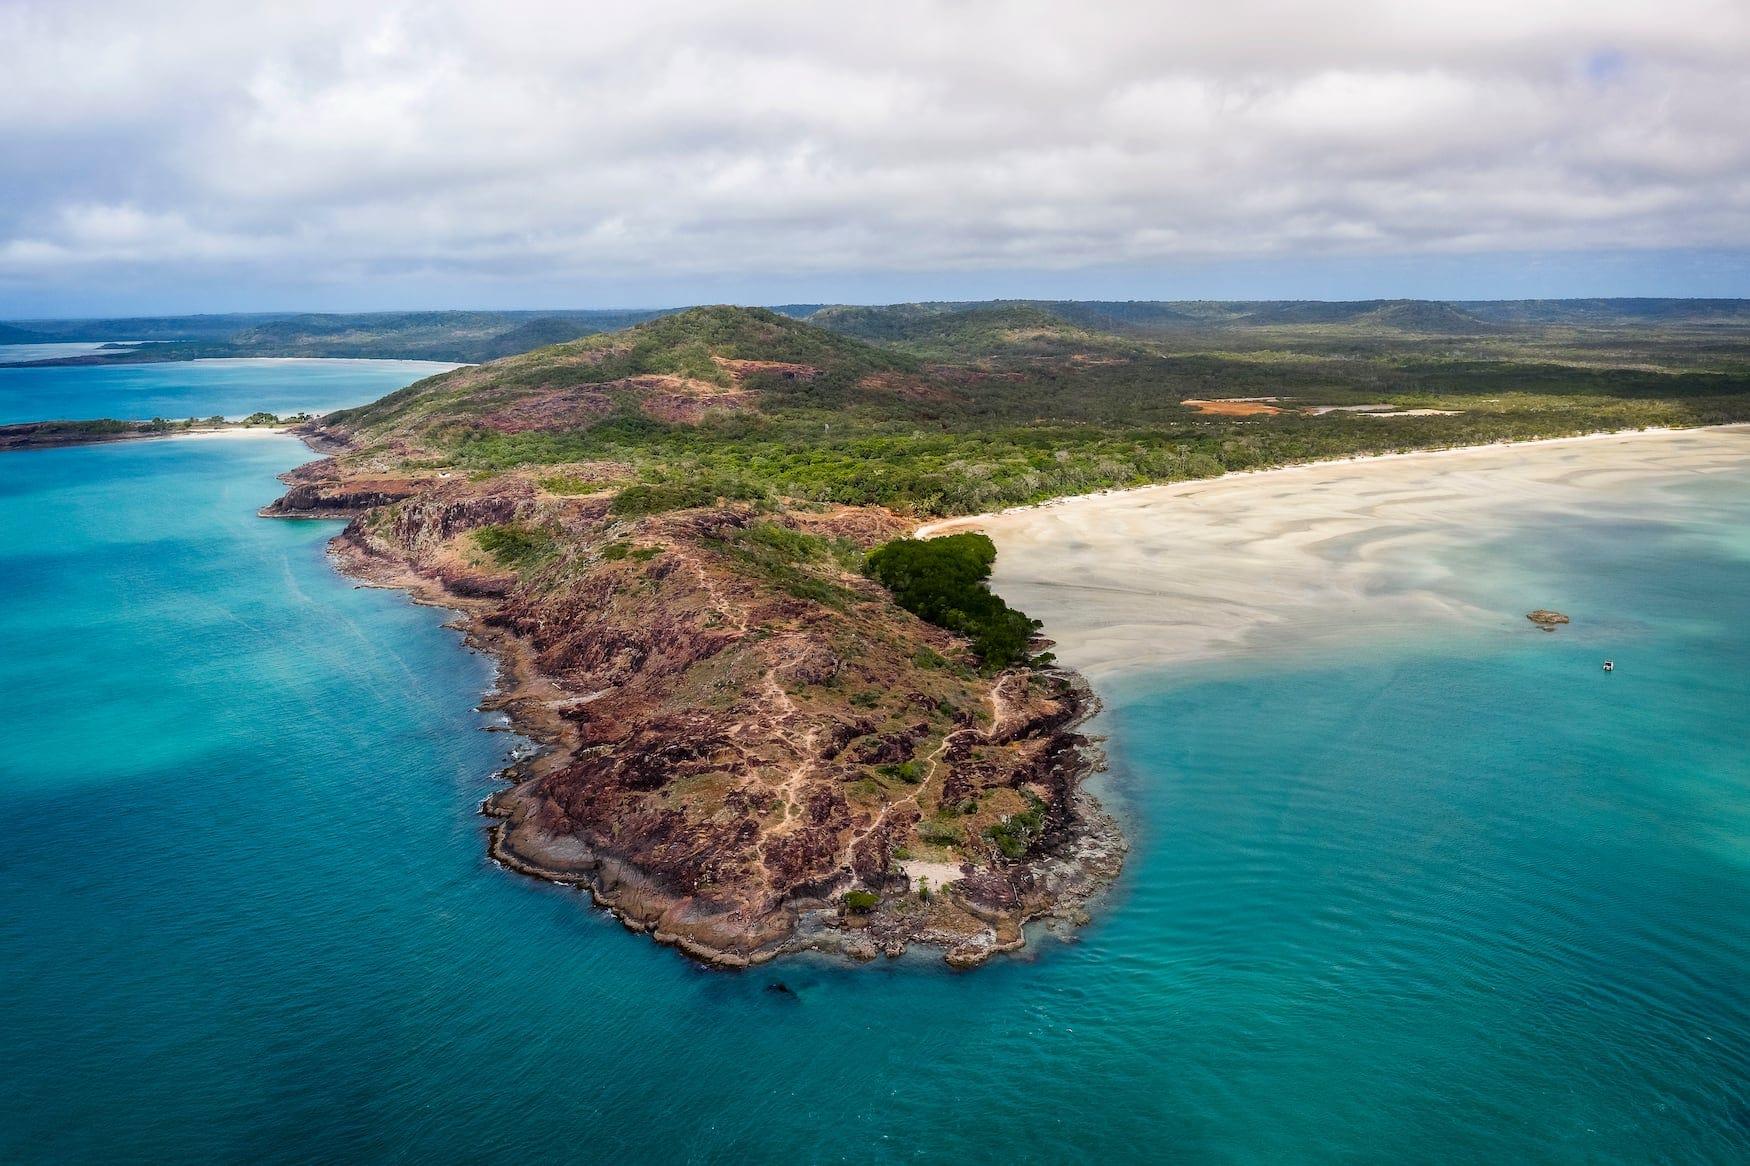 Die Spitze von Cape York, dem nördlichsten Punkt des australischen Festlandes